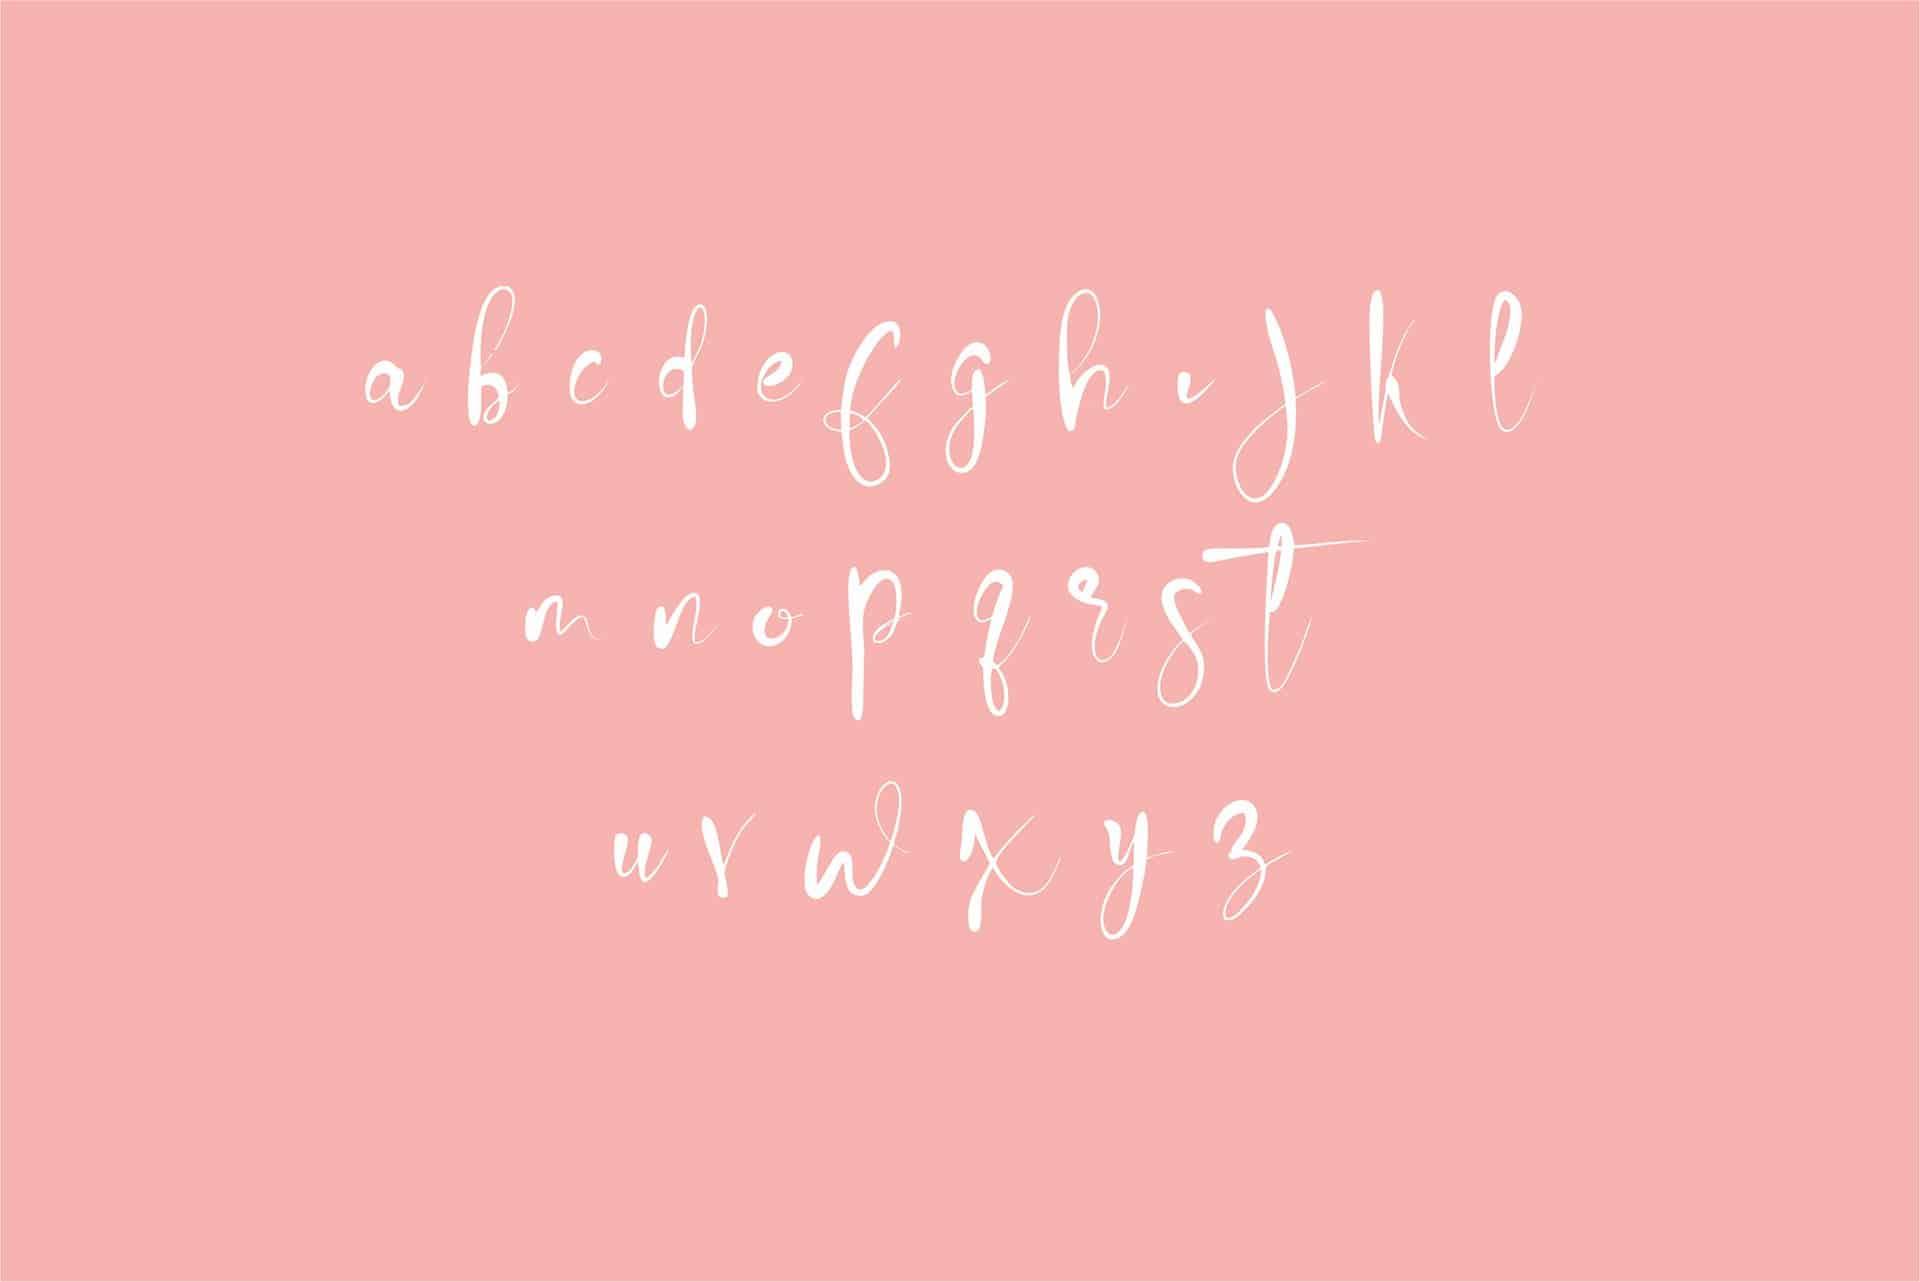 Winteria шрифт скачать бесплатно